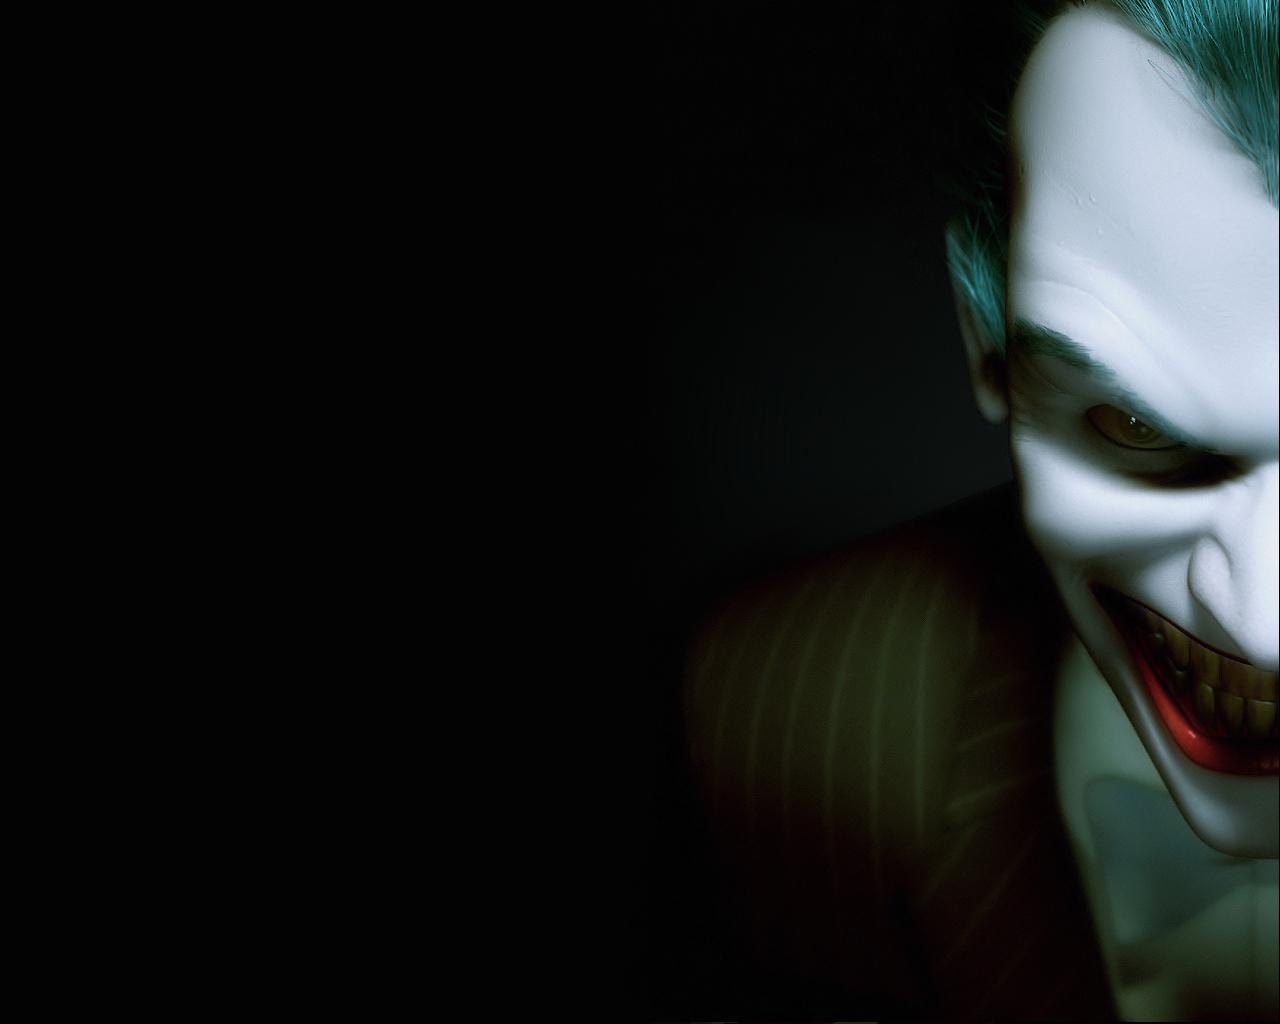 The Joker   The Joker Wallpaper 1420997 1280x1024